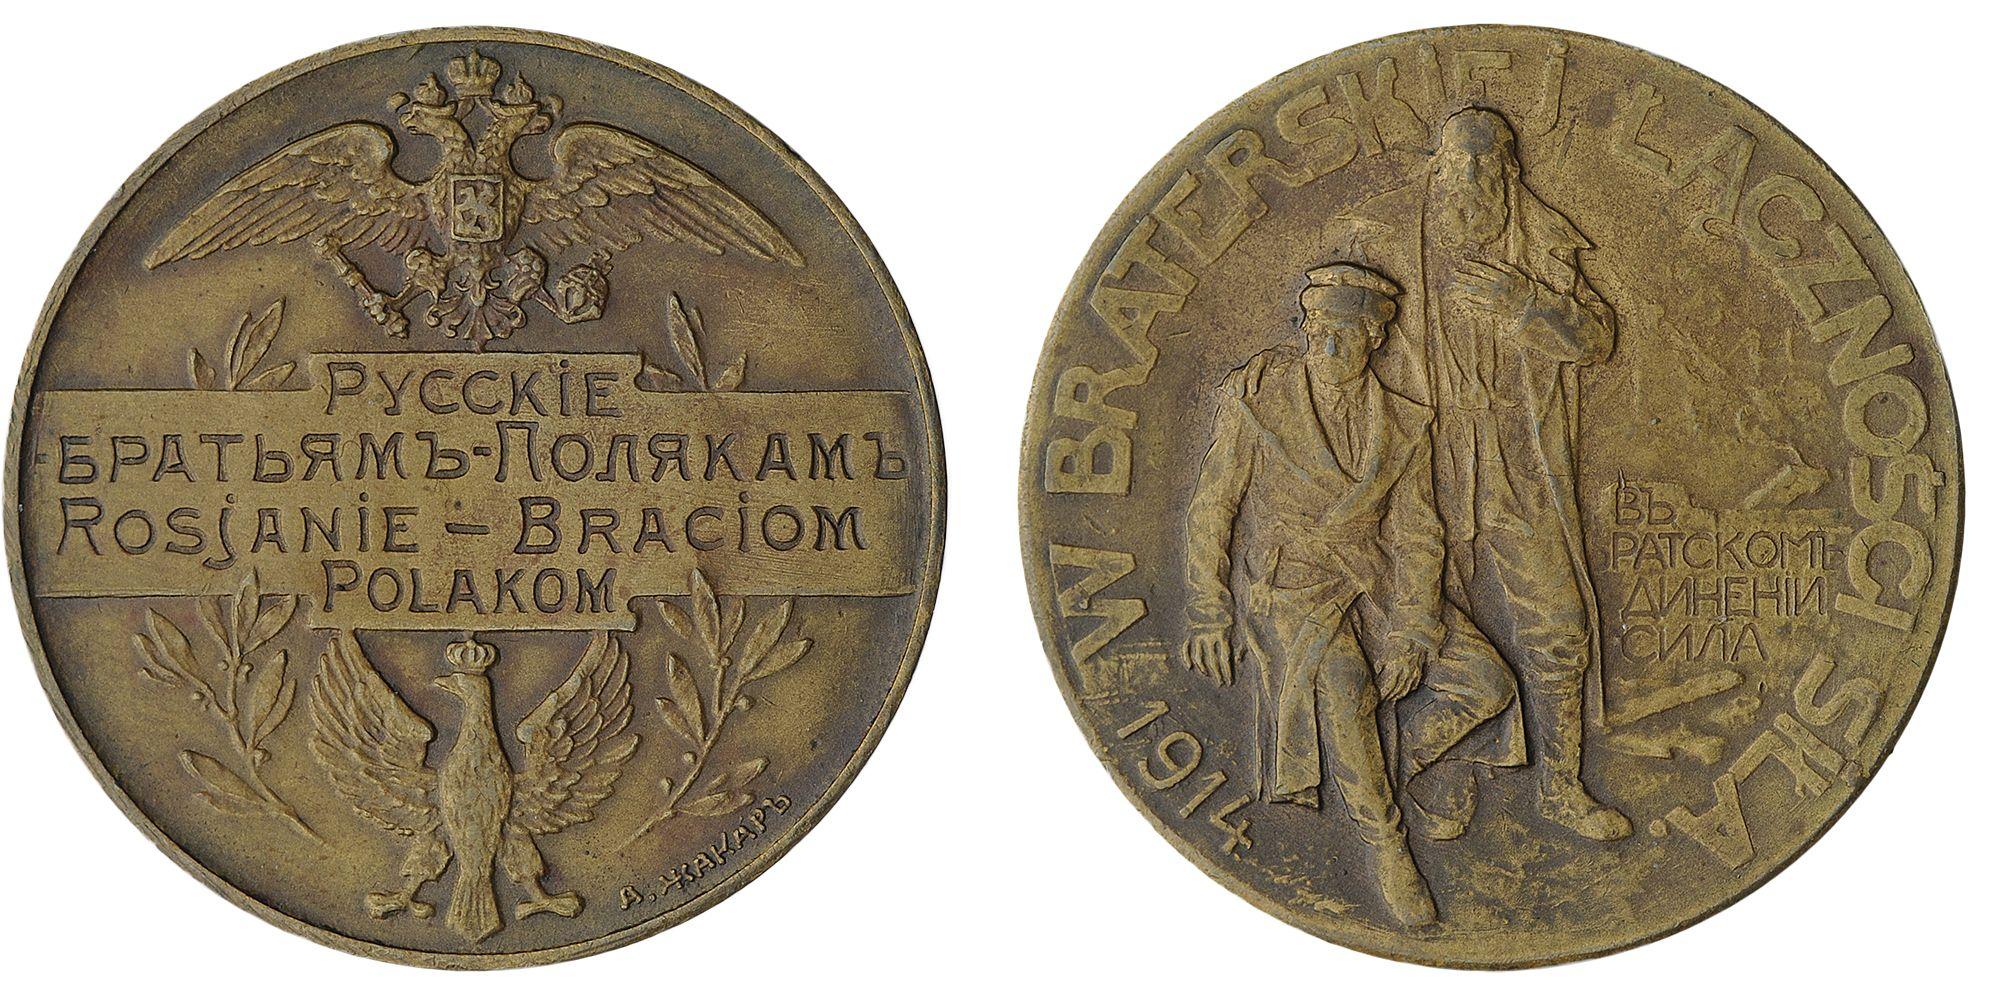 Настольная медаль Российского Нумизматического общества «Русские Братьям-Полякам. 1914 г.»